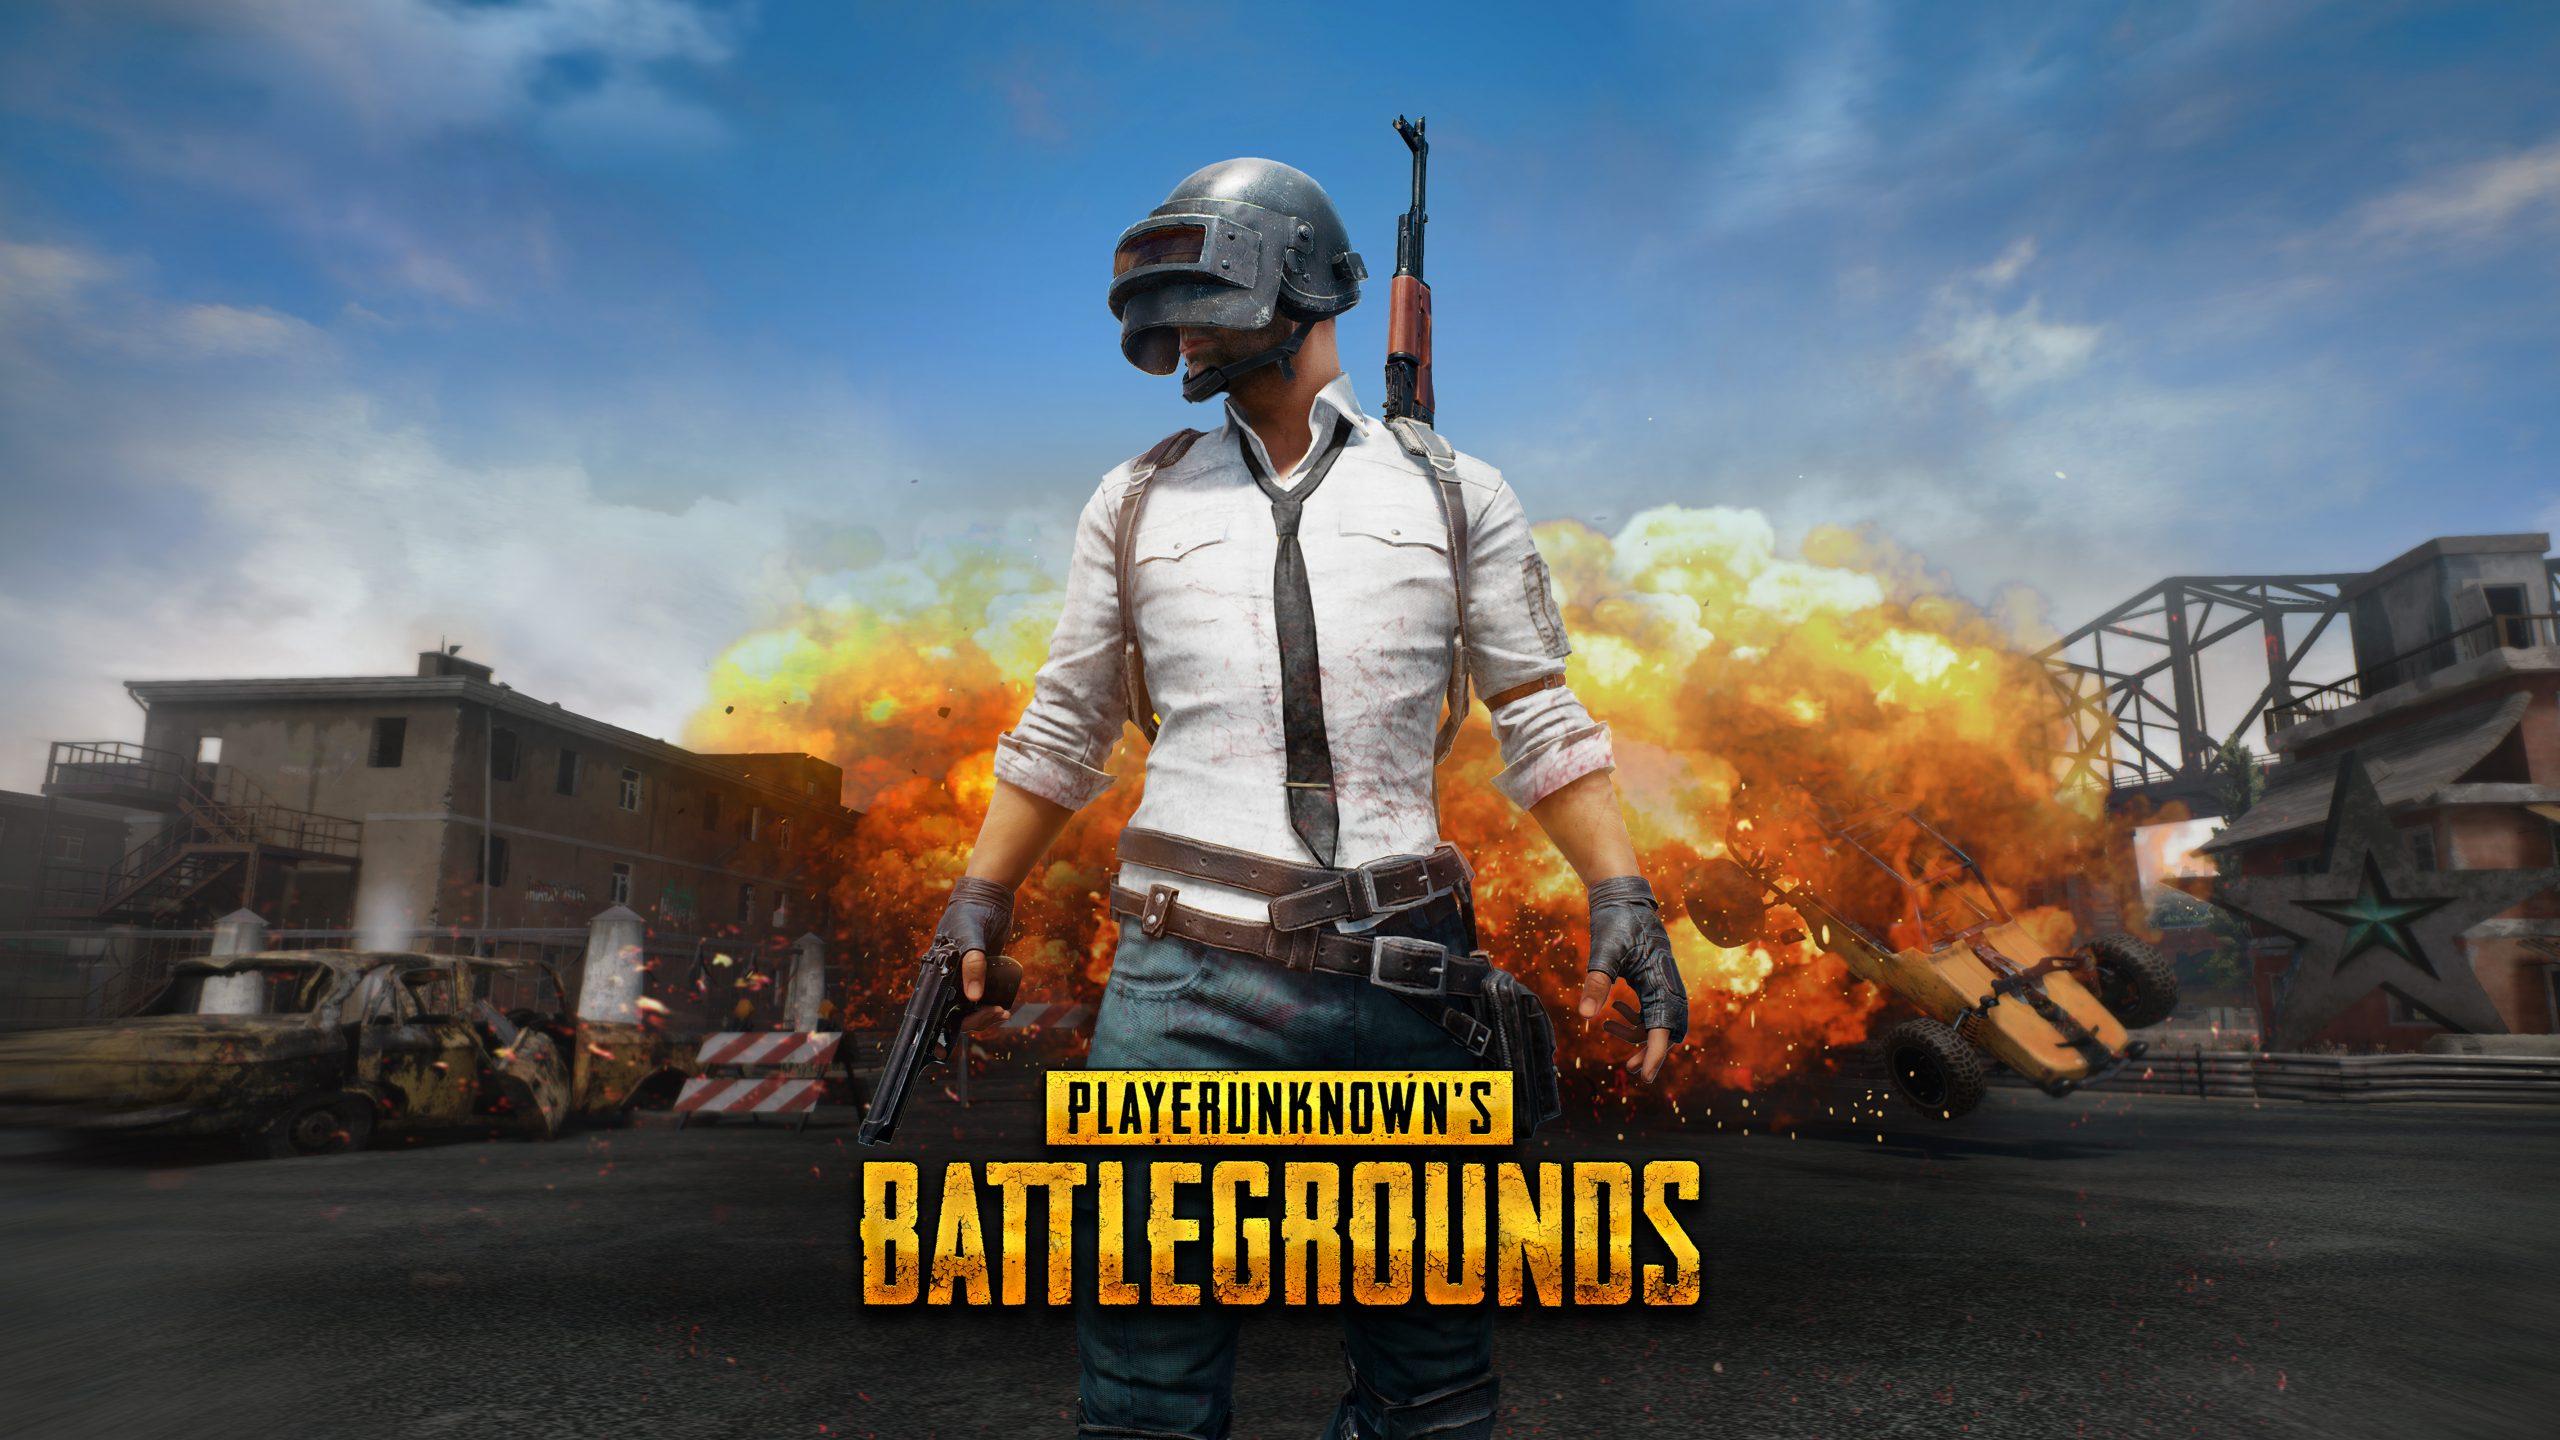 Playerunknowns Battlegrounds Cover PUBG 5K Wallpaper Best Wallpapers